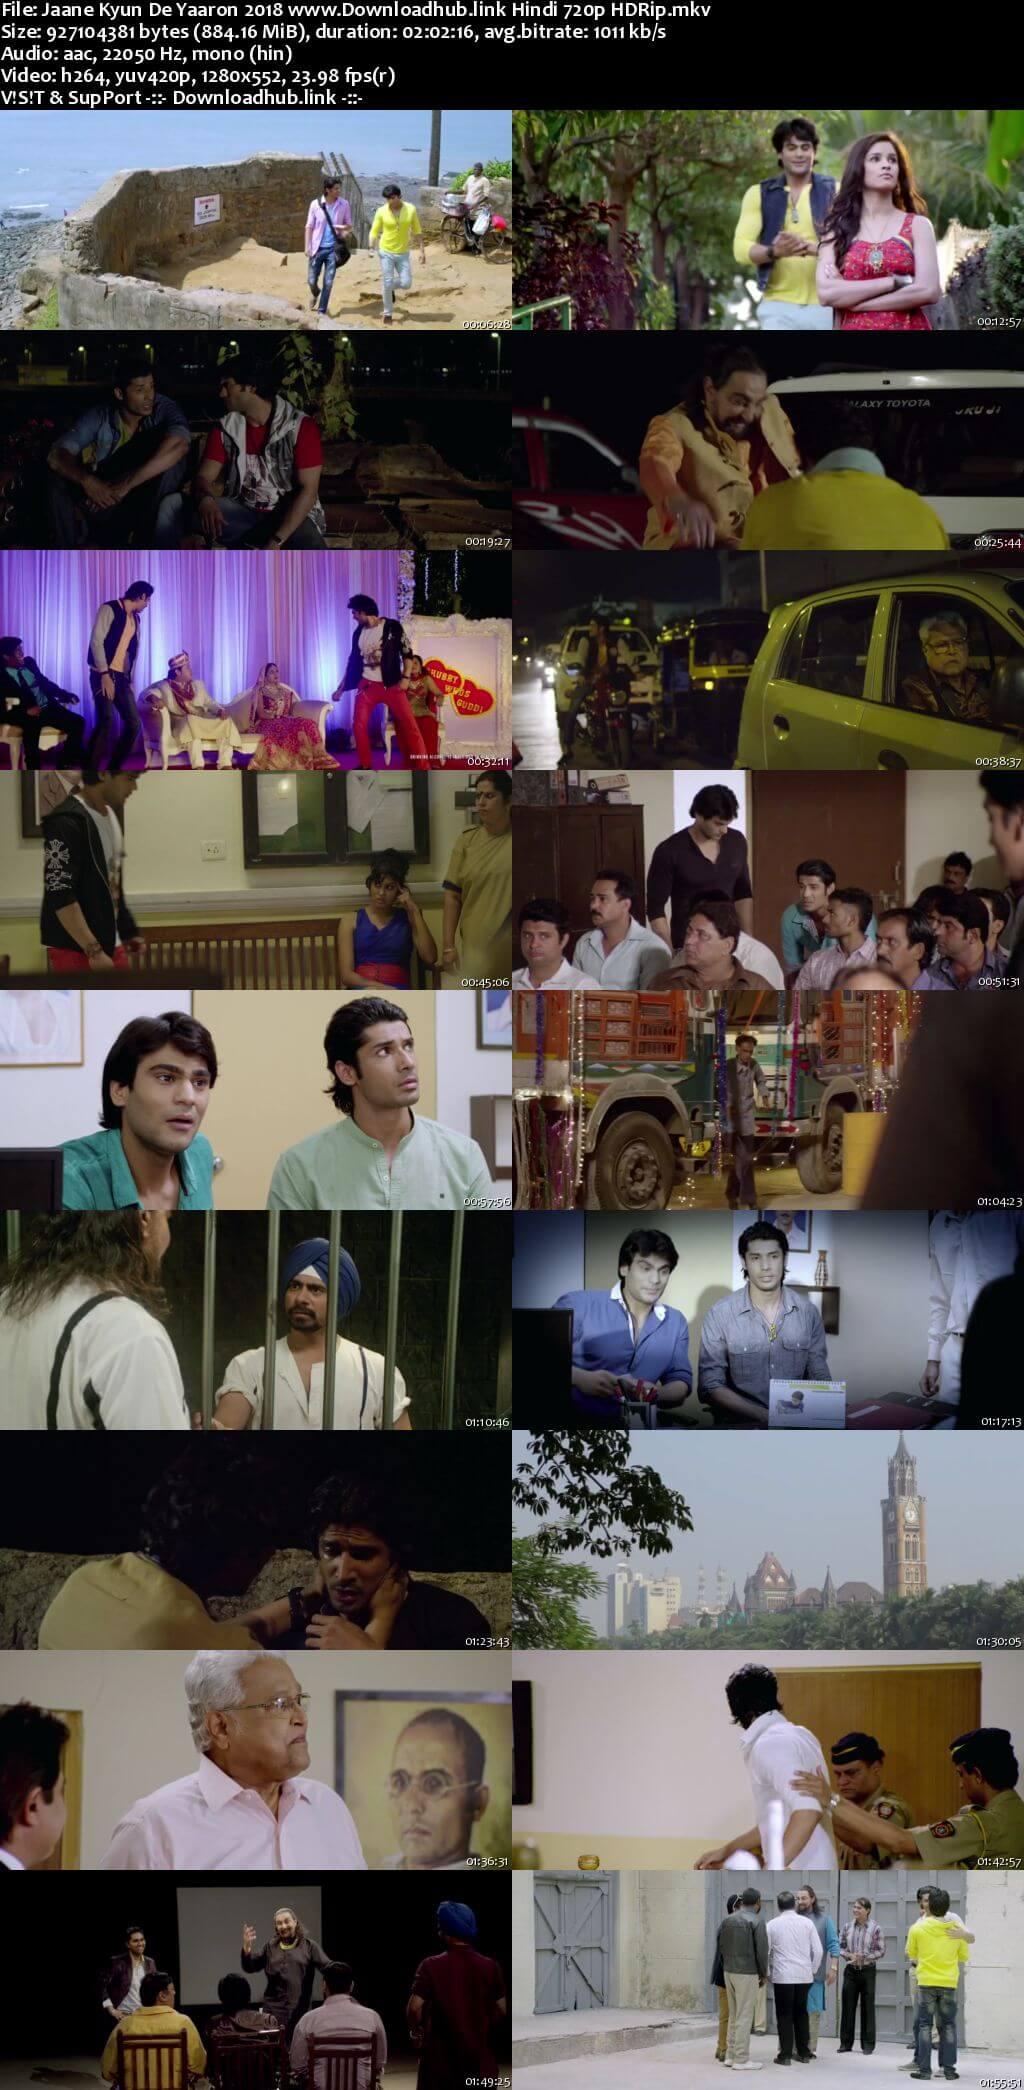 Jaane kyun de yaaron 2018 Hindi 720p HDRip x264